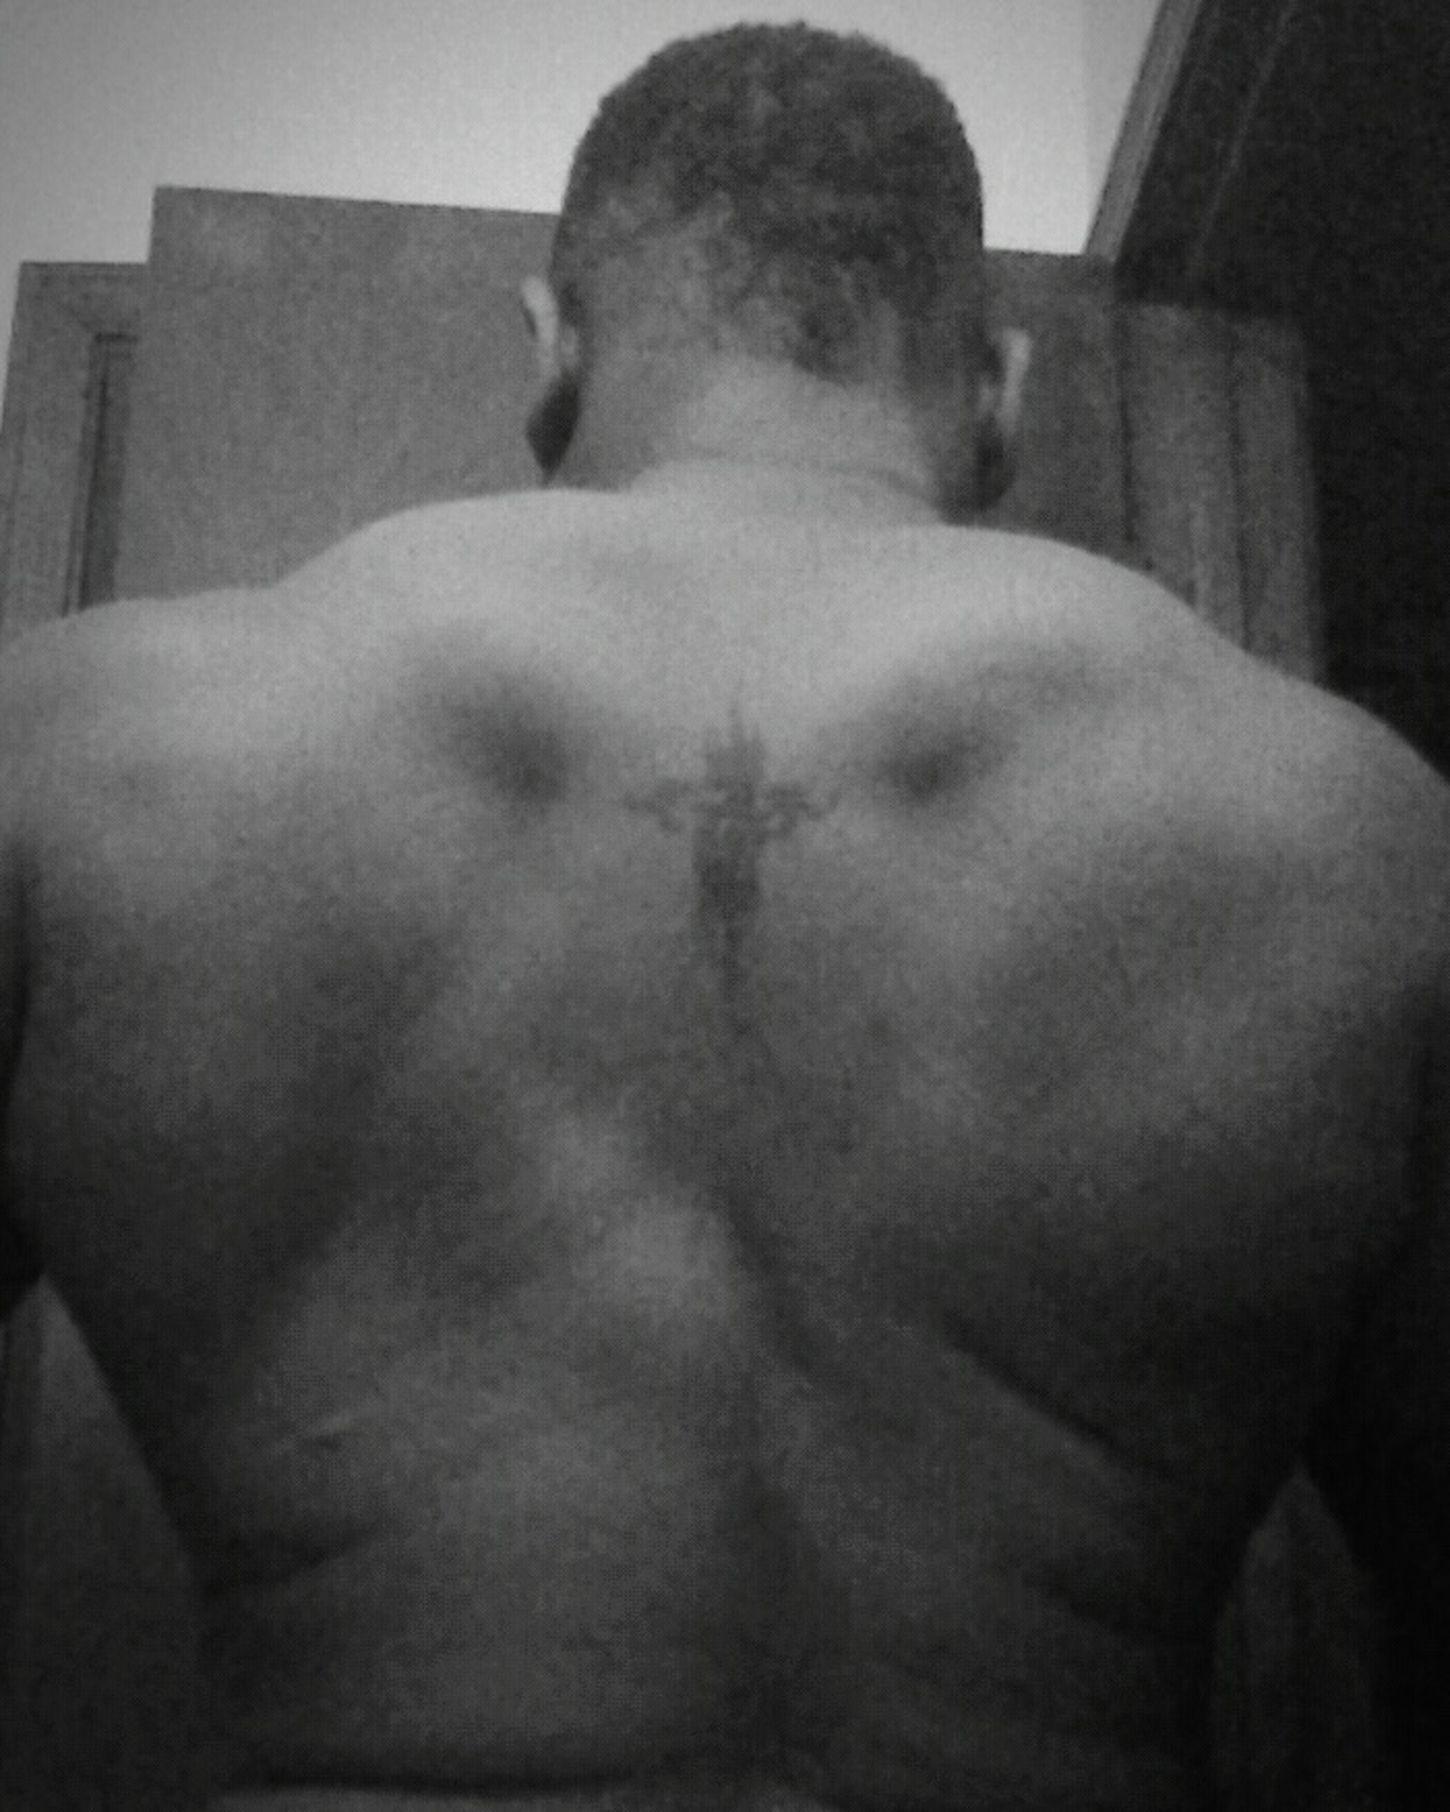 Bodybuilding Latissimus Dorsi Contest Prep